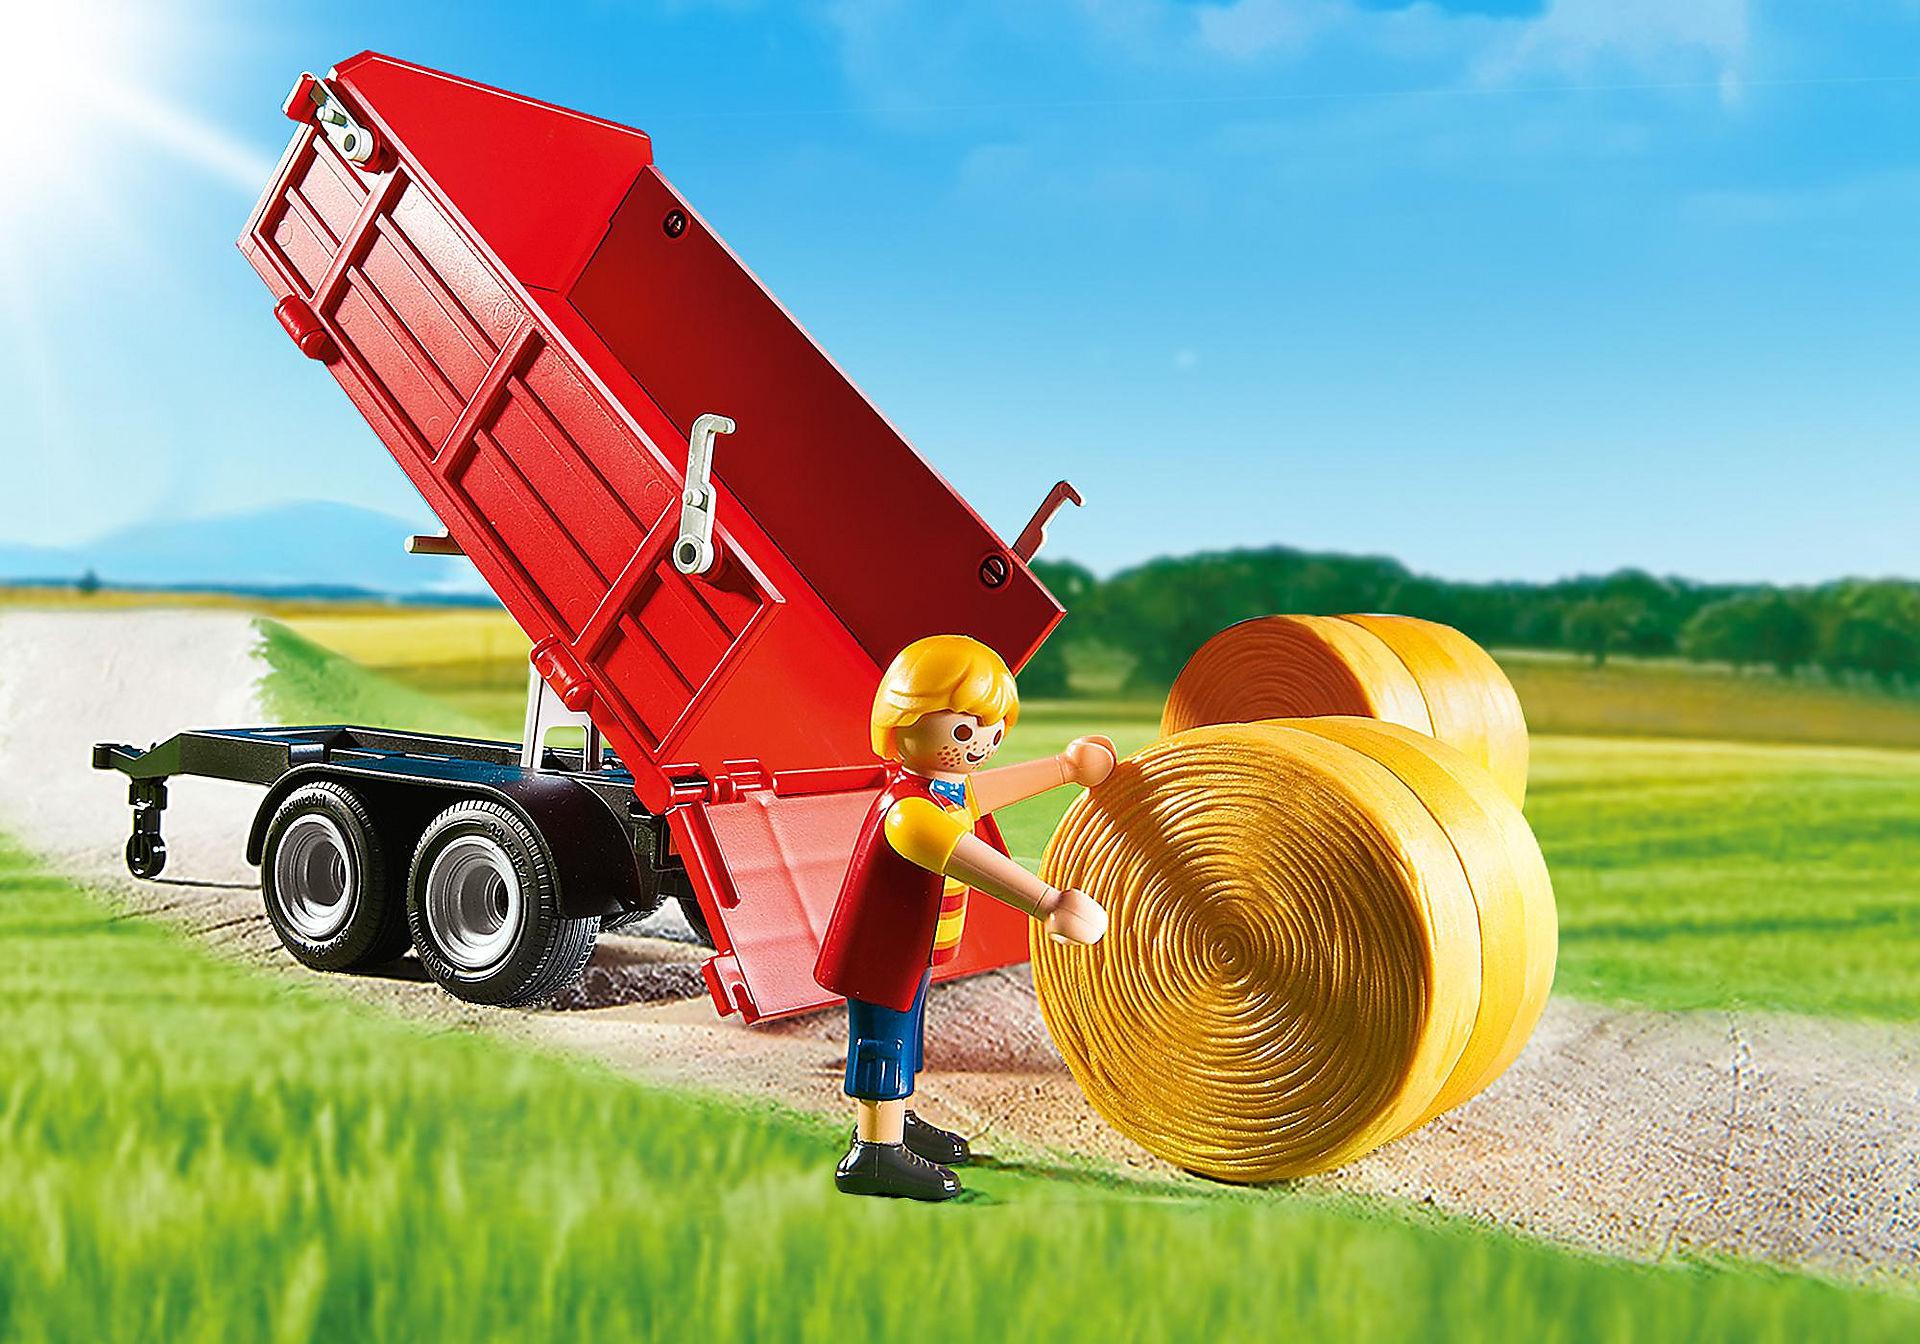 http://media.playmobil.com/i/playmobil/6130_product_extra1/Duży traktor z przyczepą